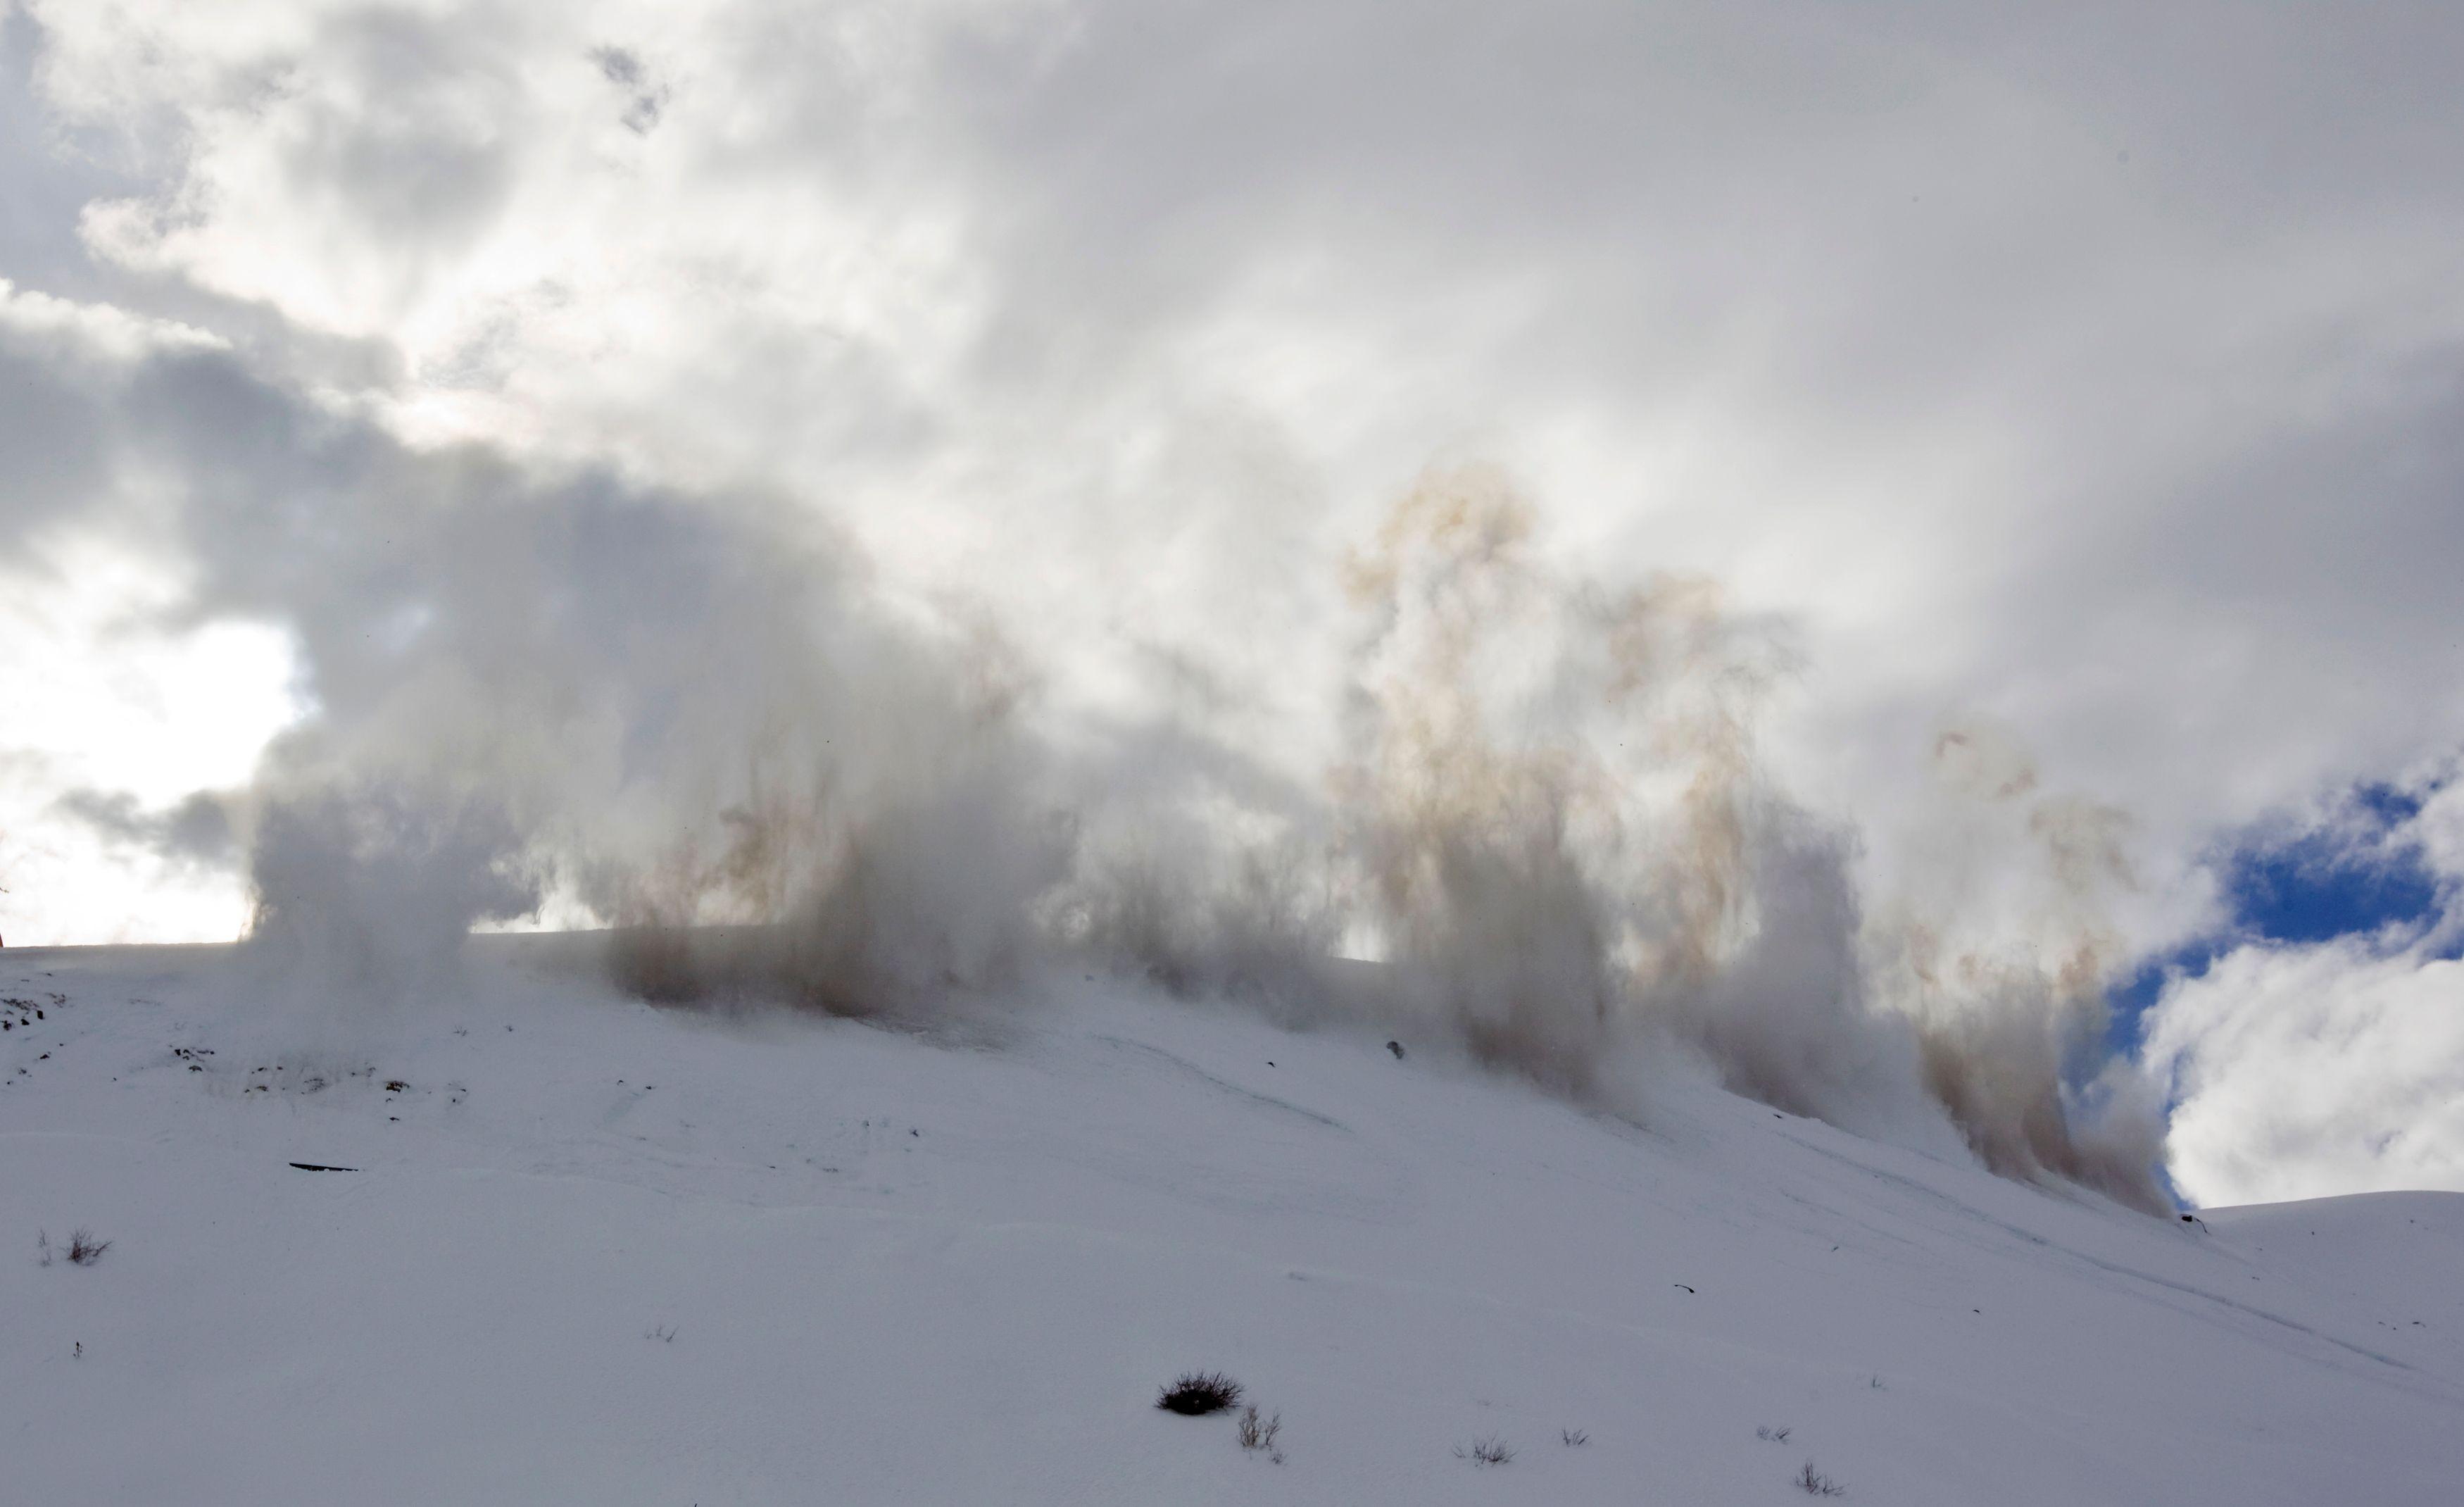 Les avalanches ont tué plusieurs personnes depuis le début de l'année.